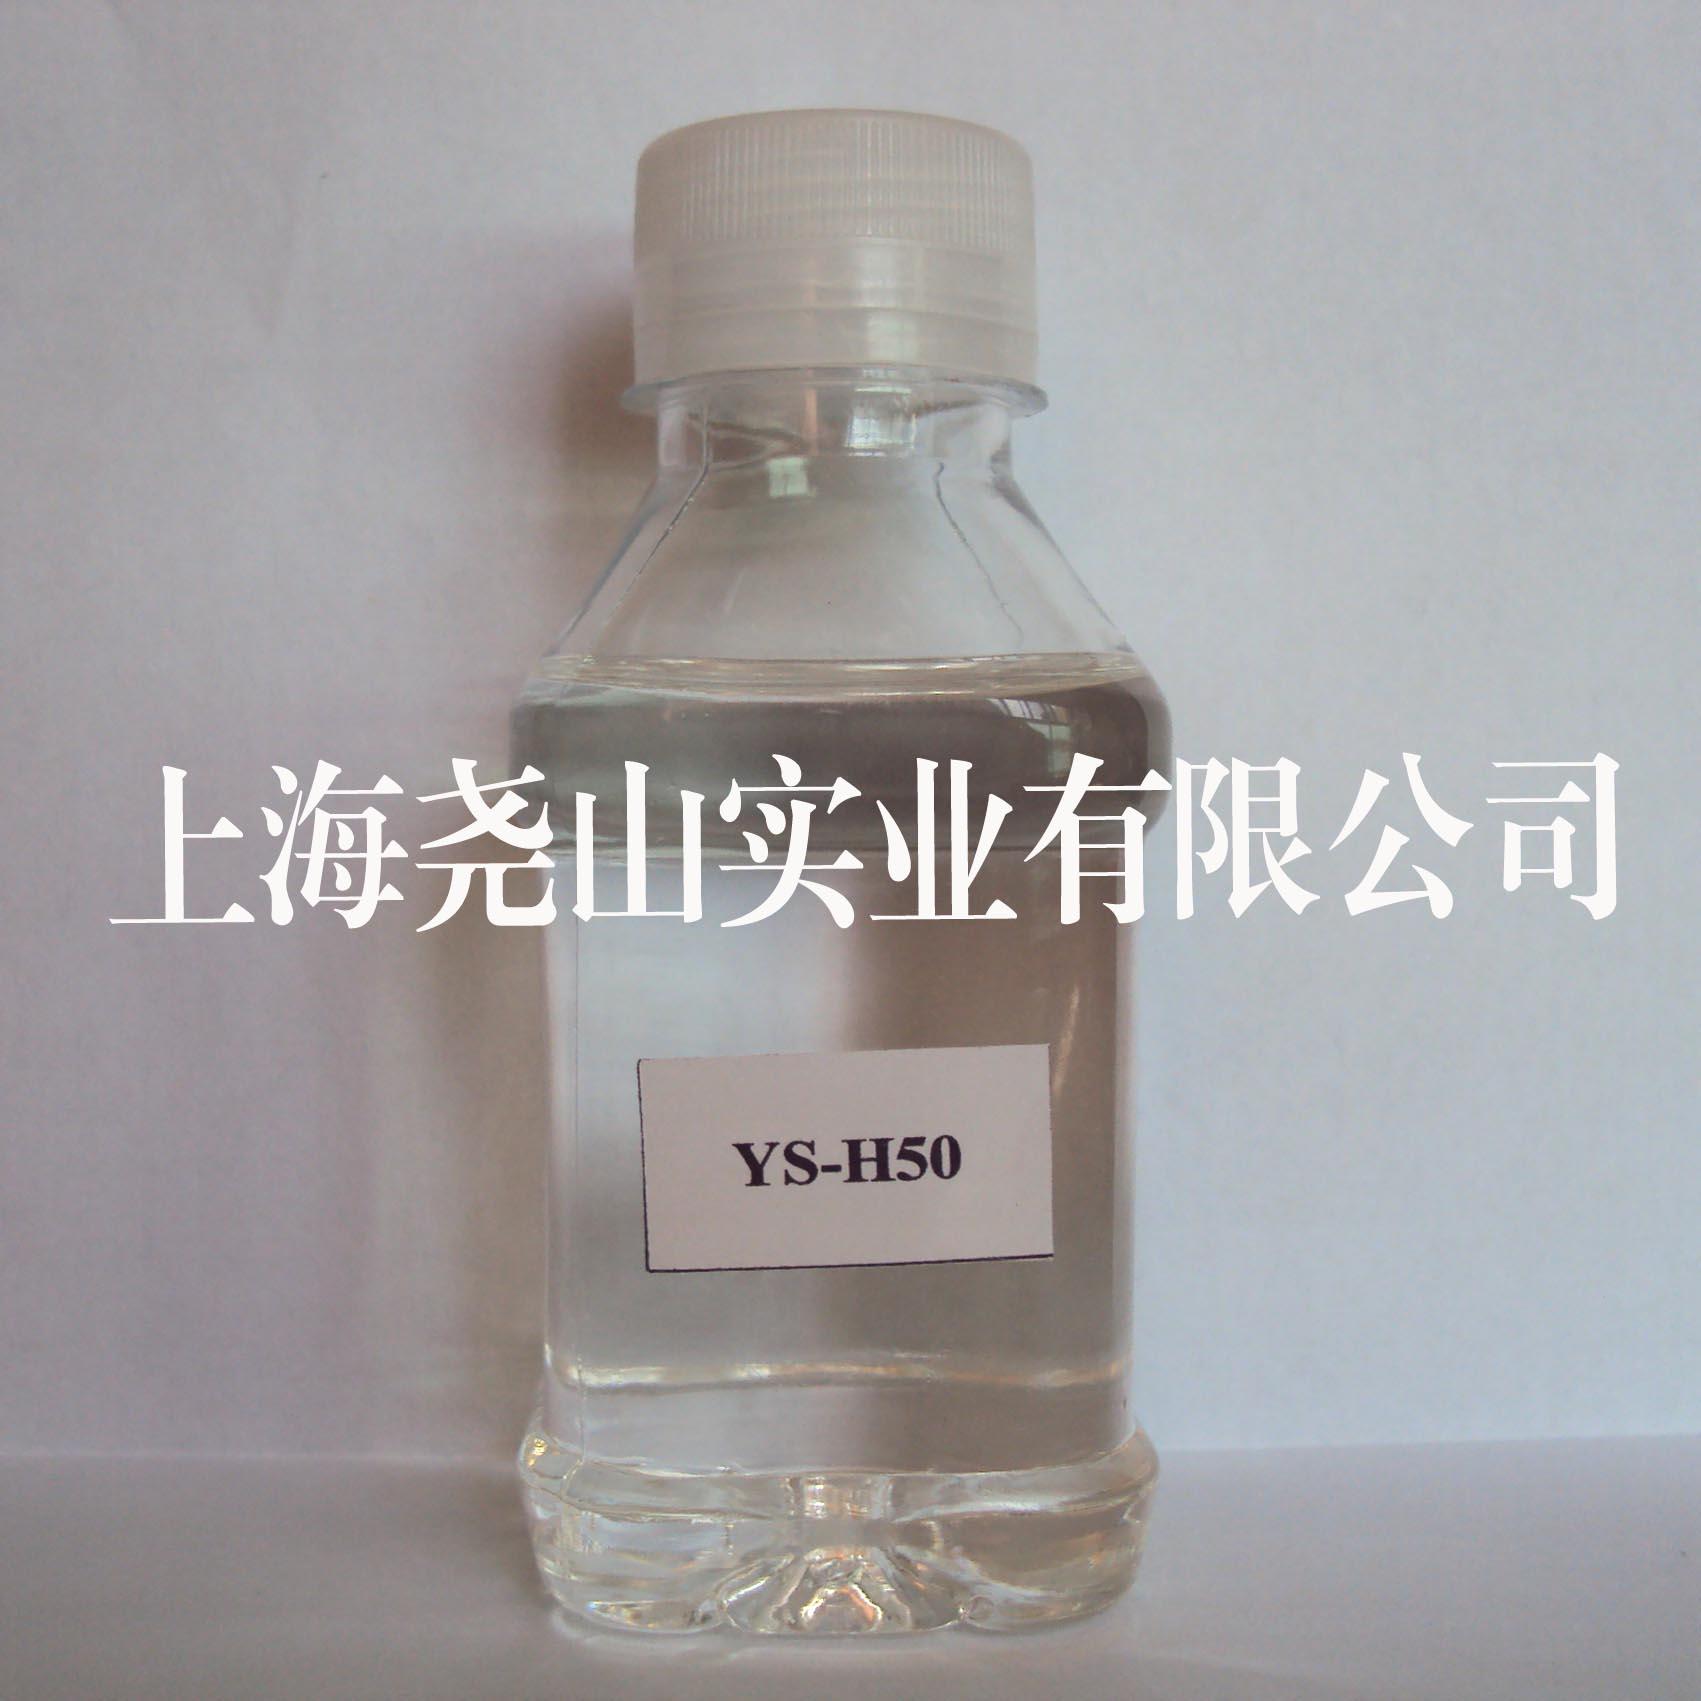 钾基混凝土硬化剂YS-H50